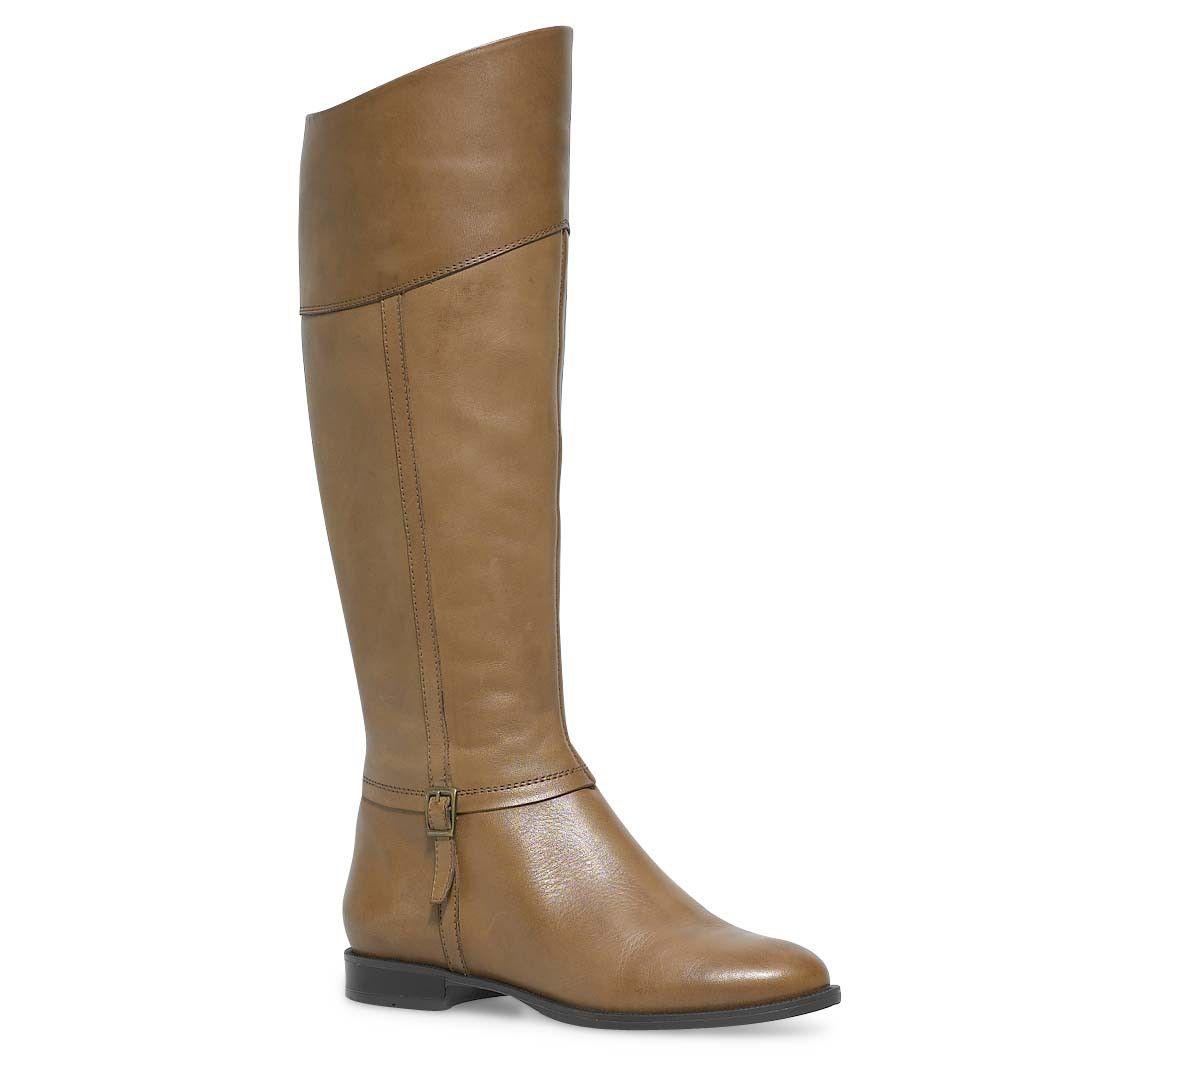 Cavalière cuir camel - Bottes - Chaussures femme   Boulot wardrobe ... 98c11eefc9a3